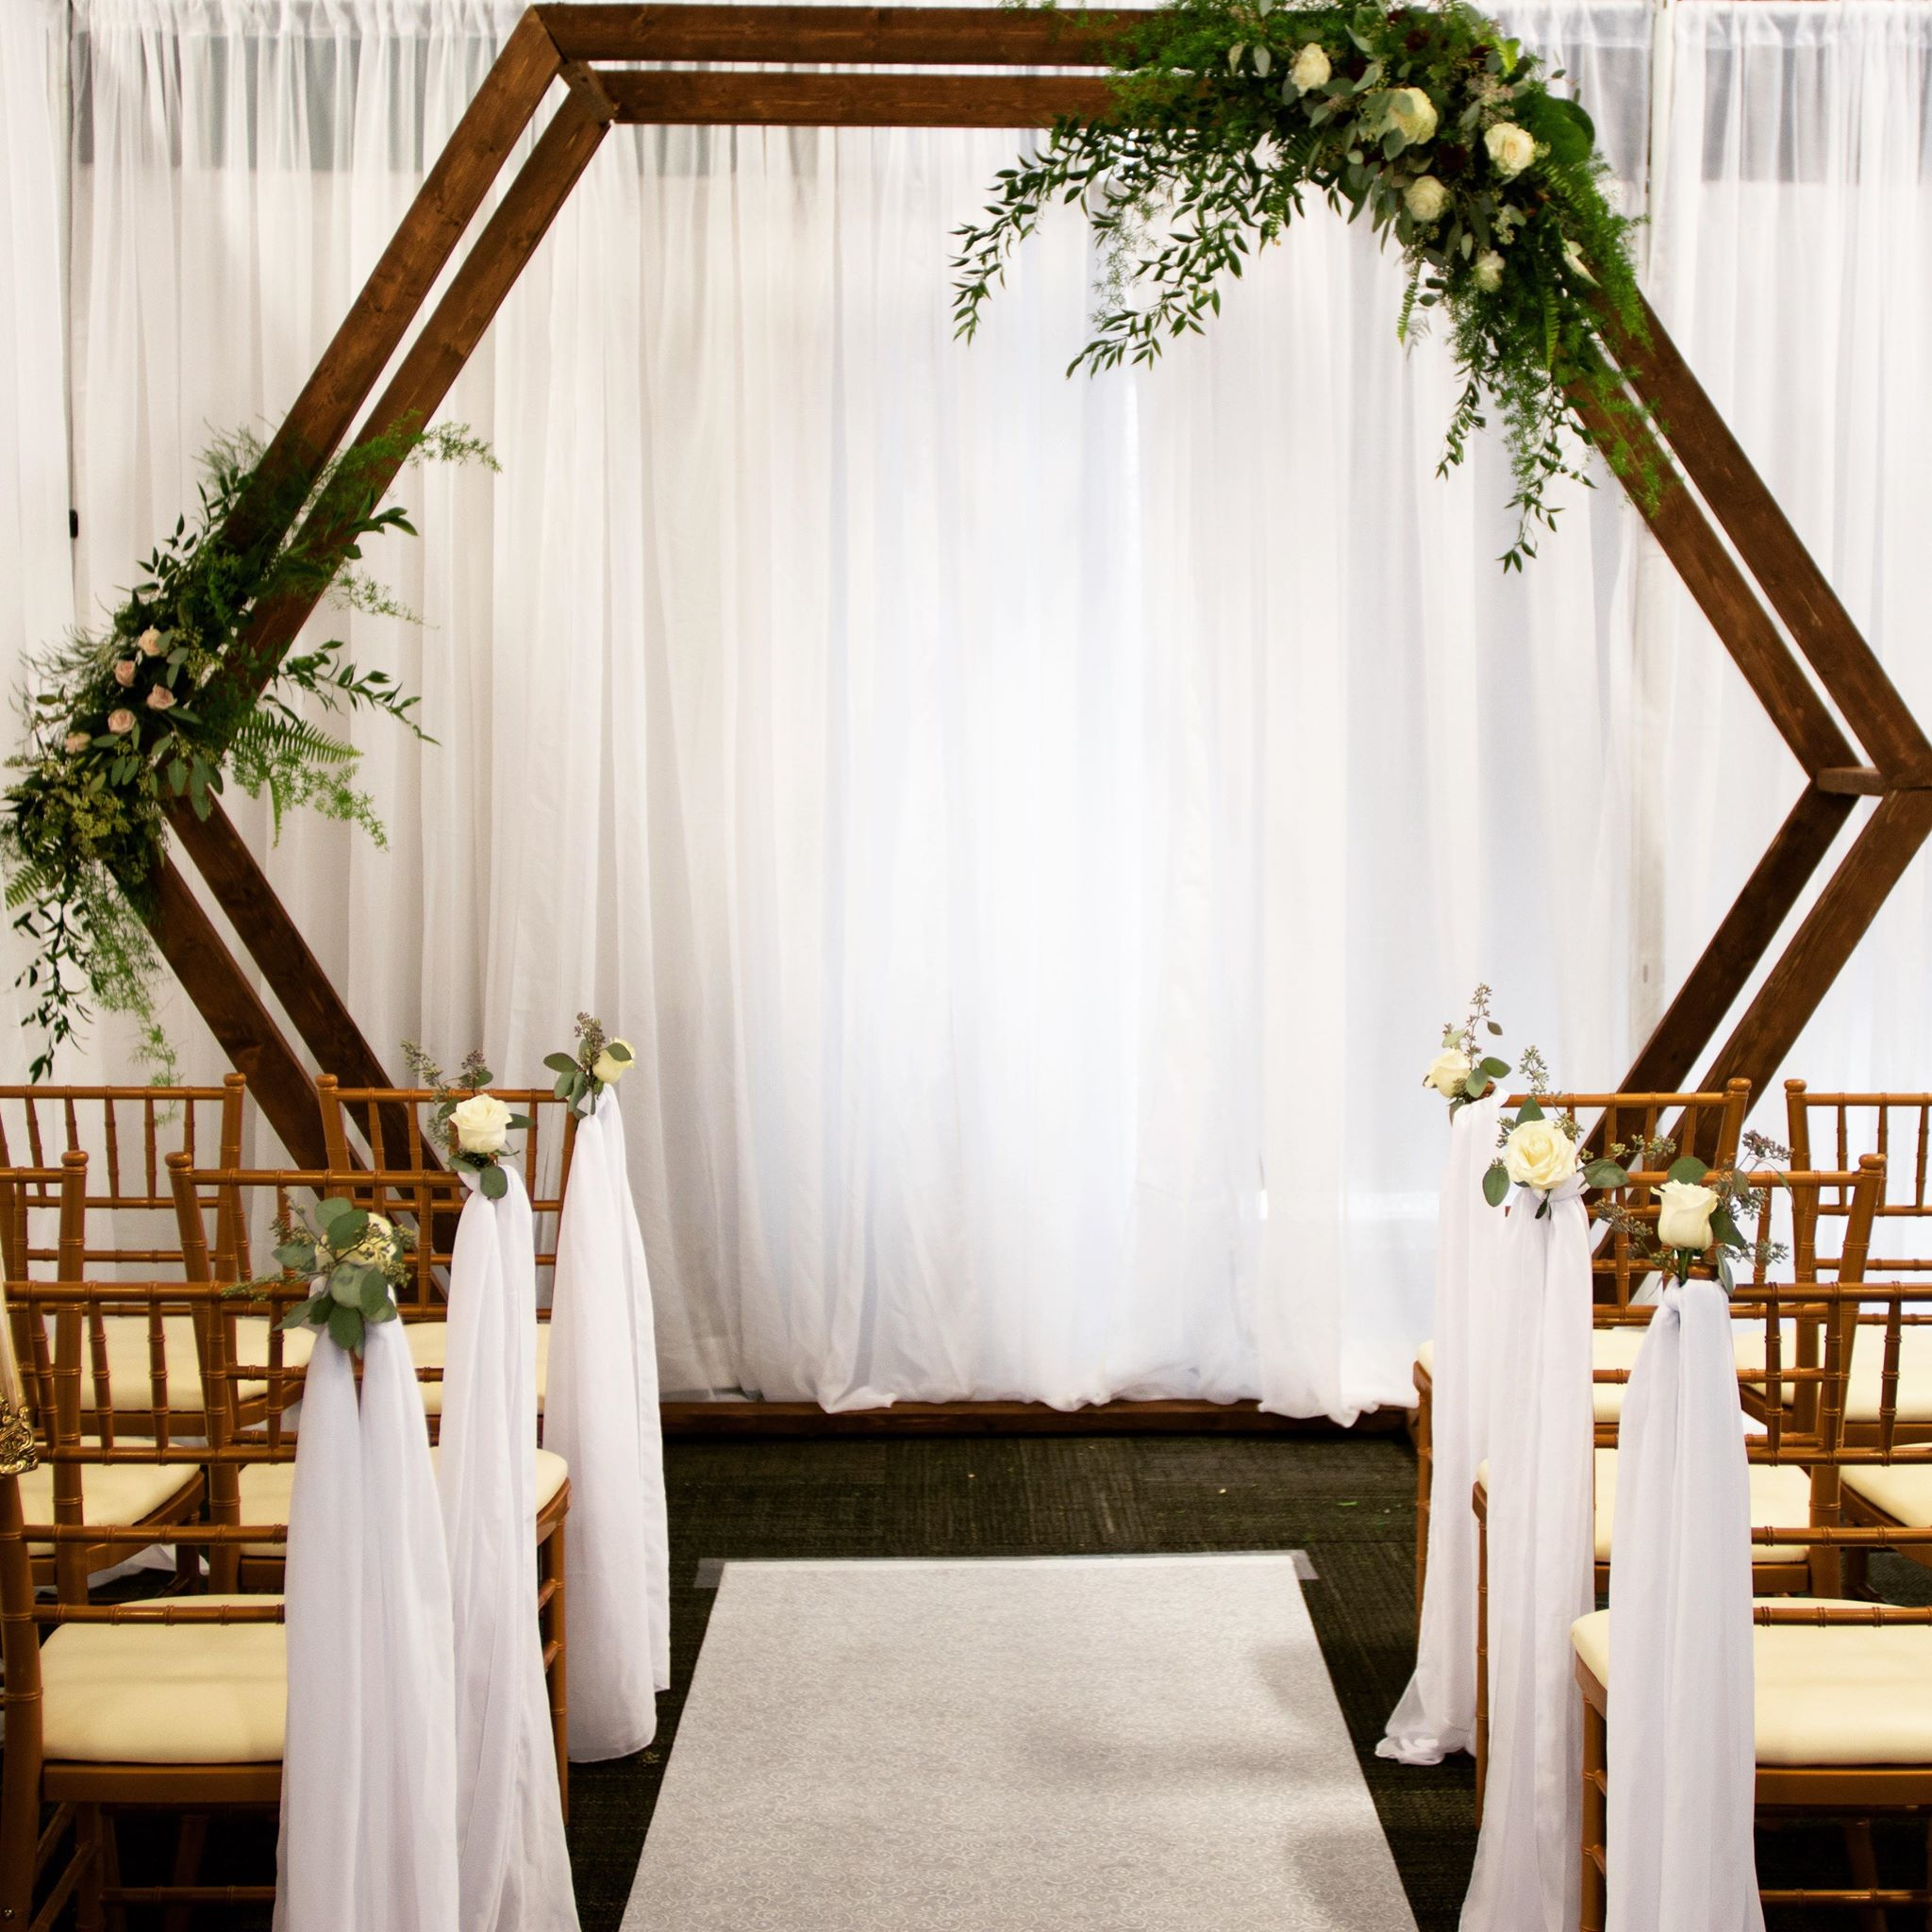 chair cover rentals nova scotia electric power photo 61  the wedding vogue